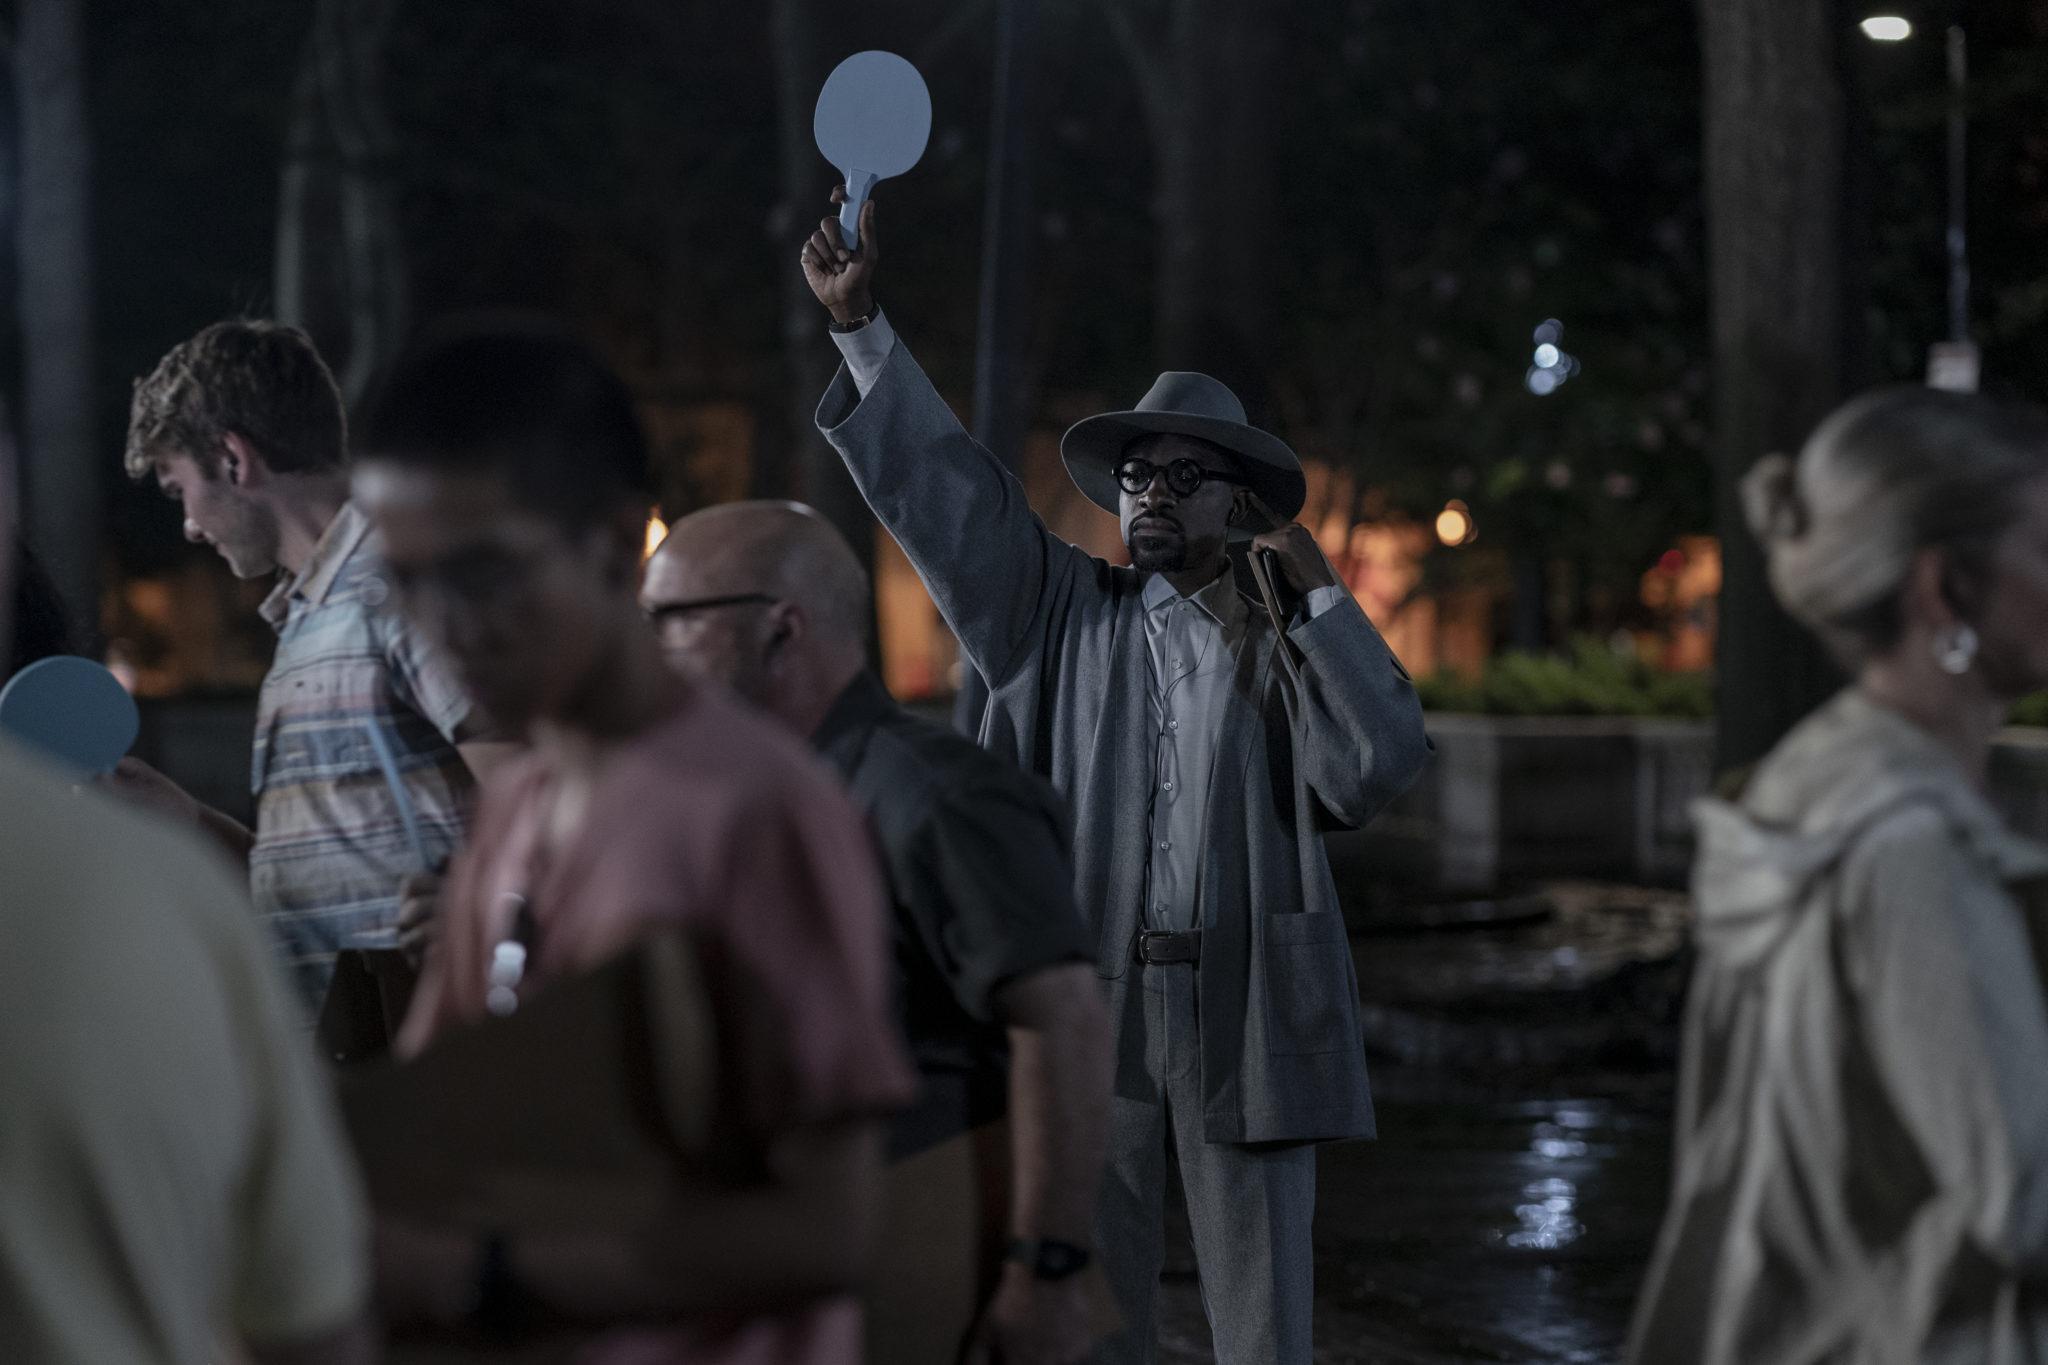 Der in einem pfahlen blauen Anzug gekleidete Afro-Amerikaner Fredwynn steht nachts in einer Menschentraube und versucht mittles eines erhobenen Schildchens auf sich aufmerksam zu machen